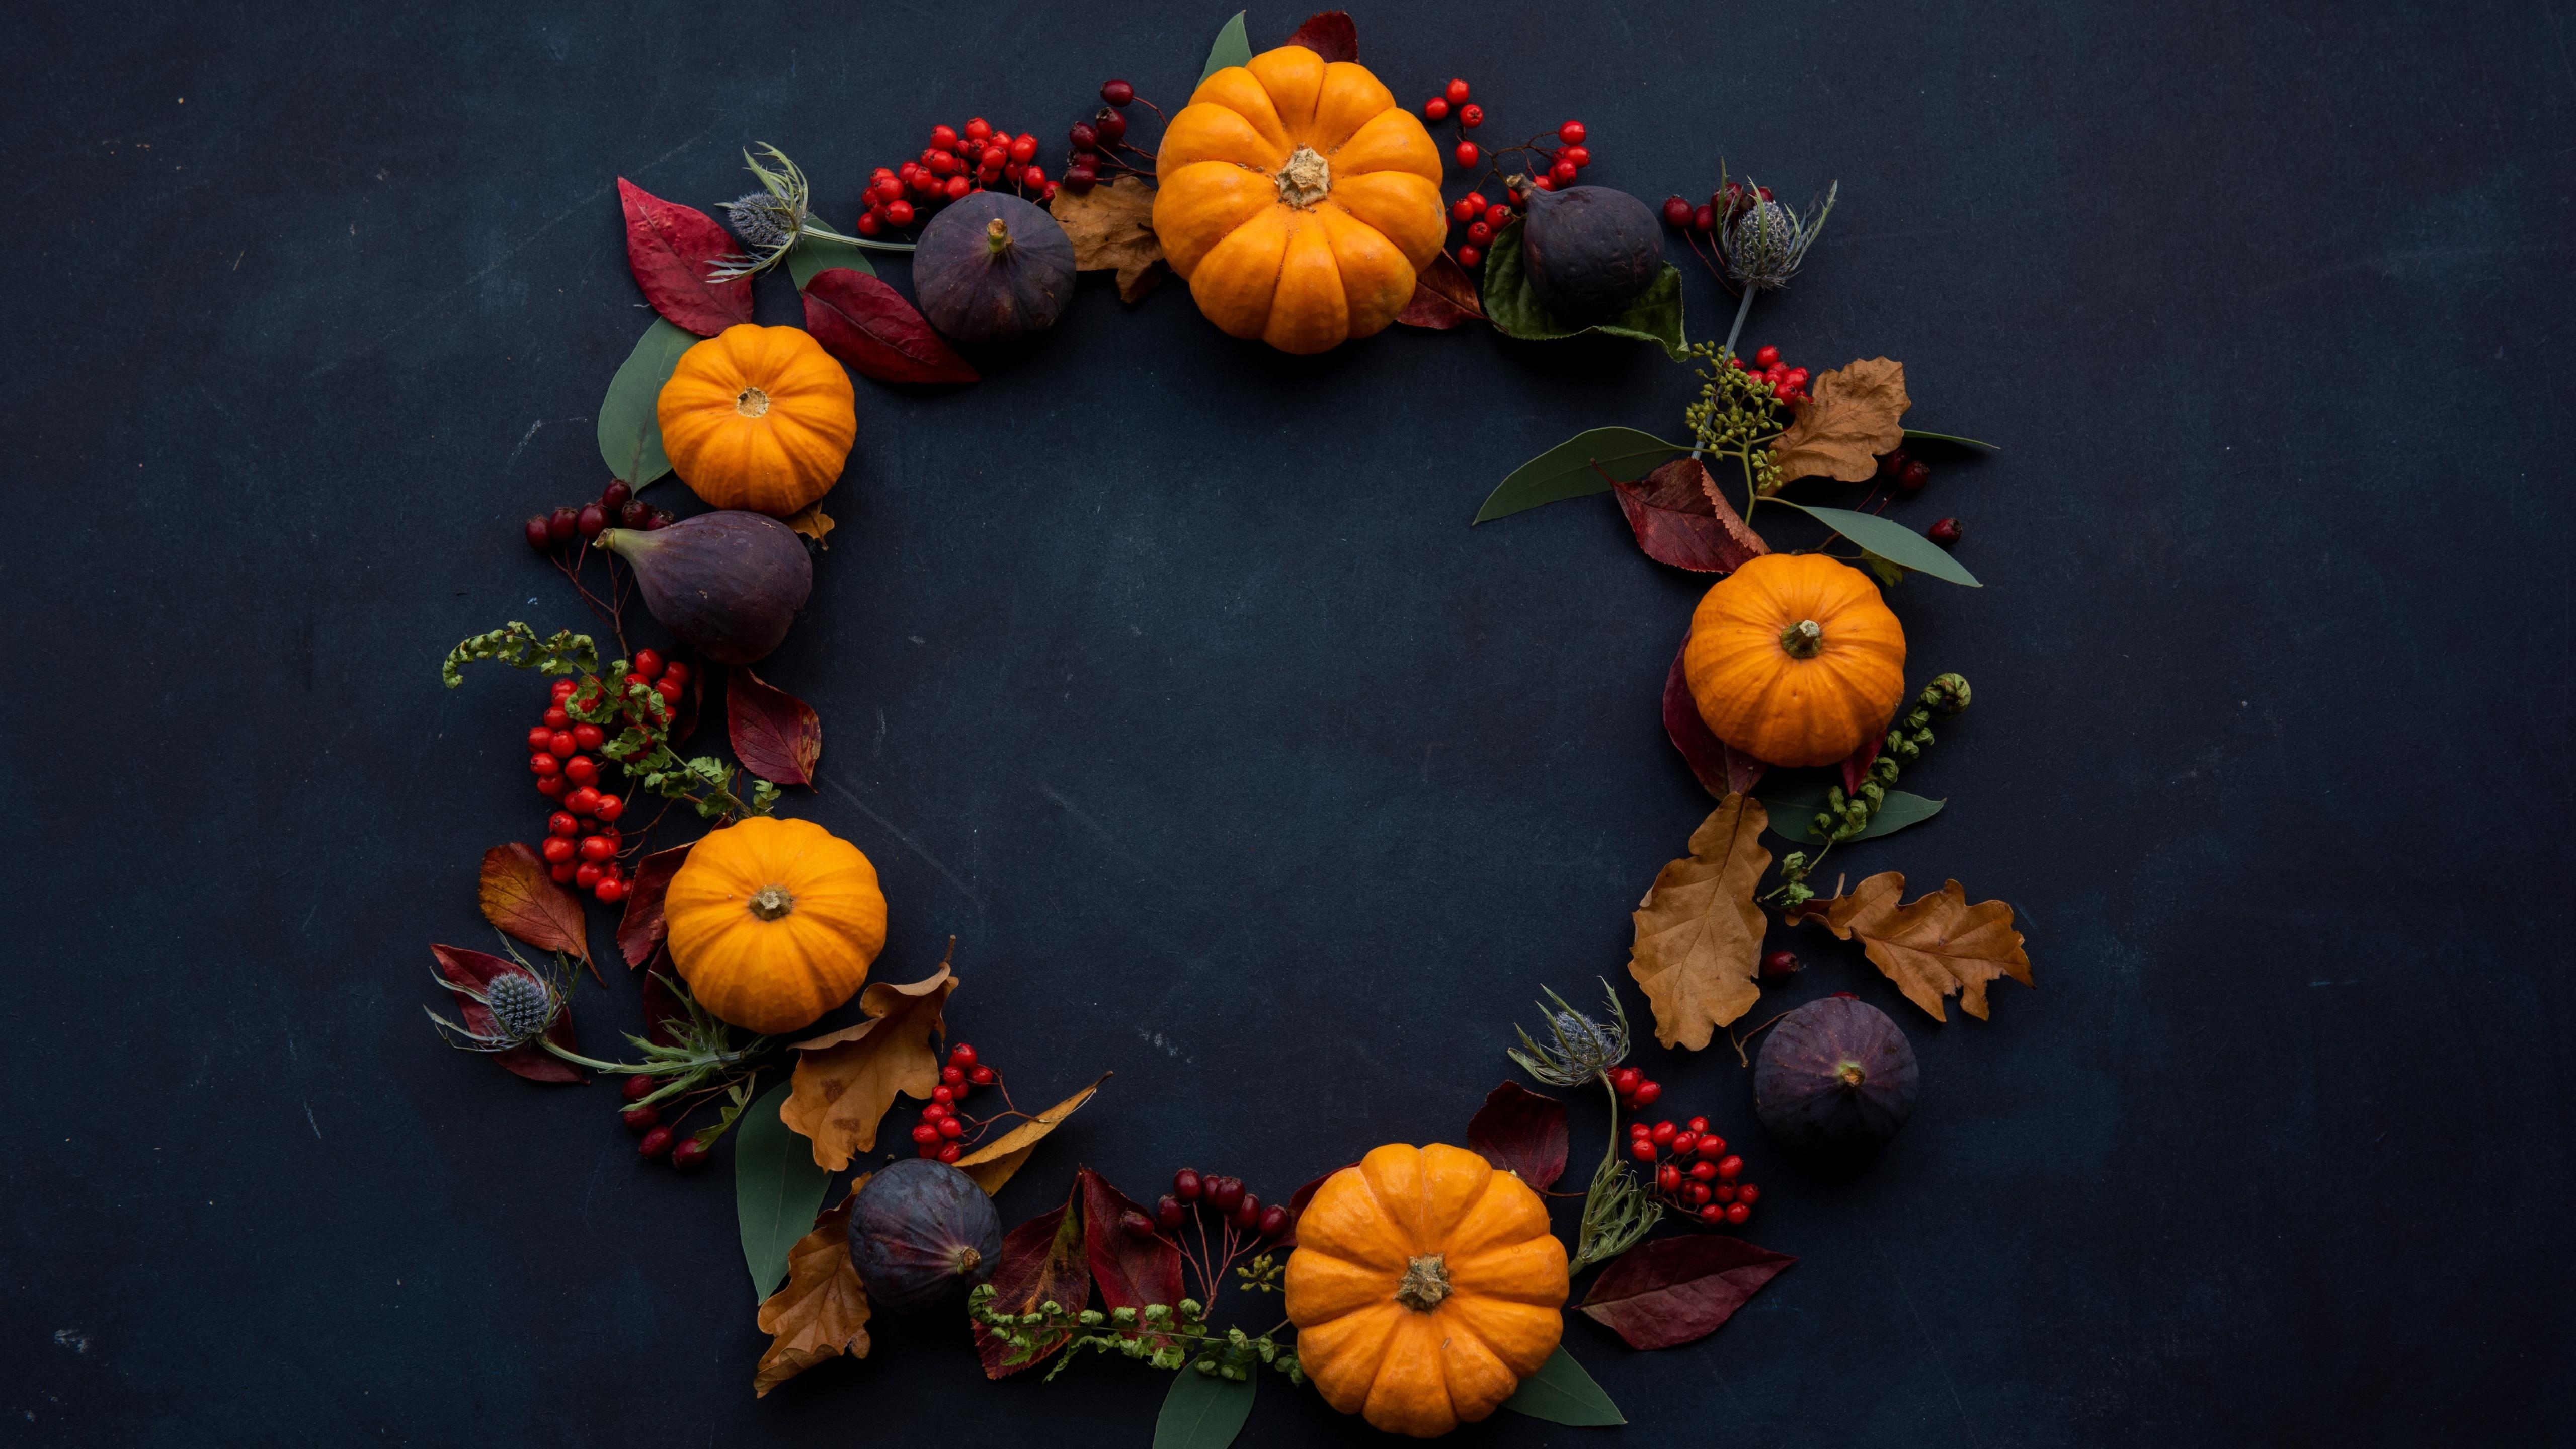 Halloween wreath wallpaper